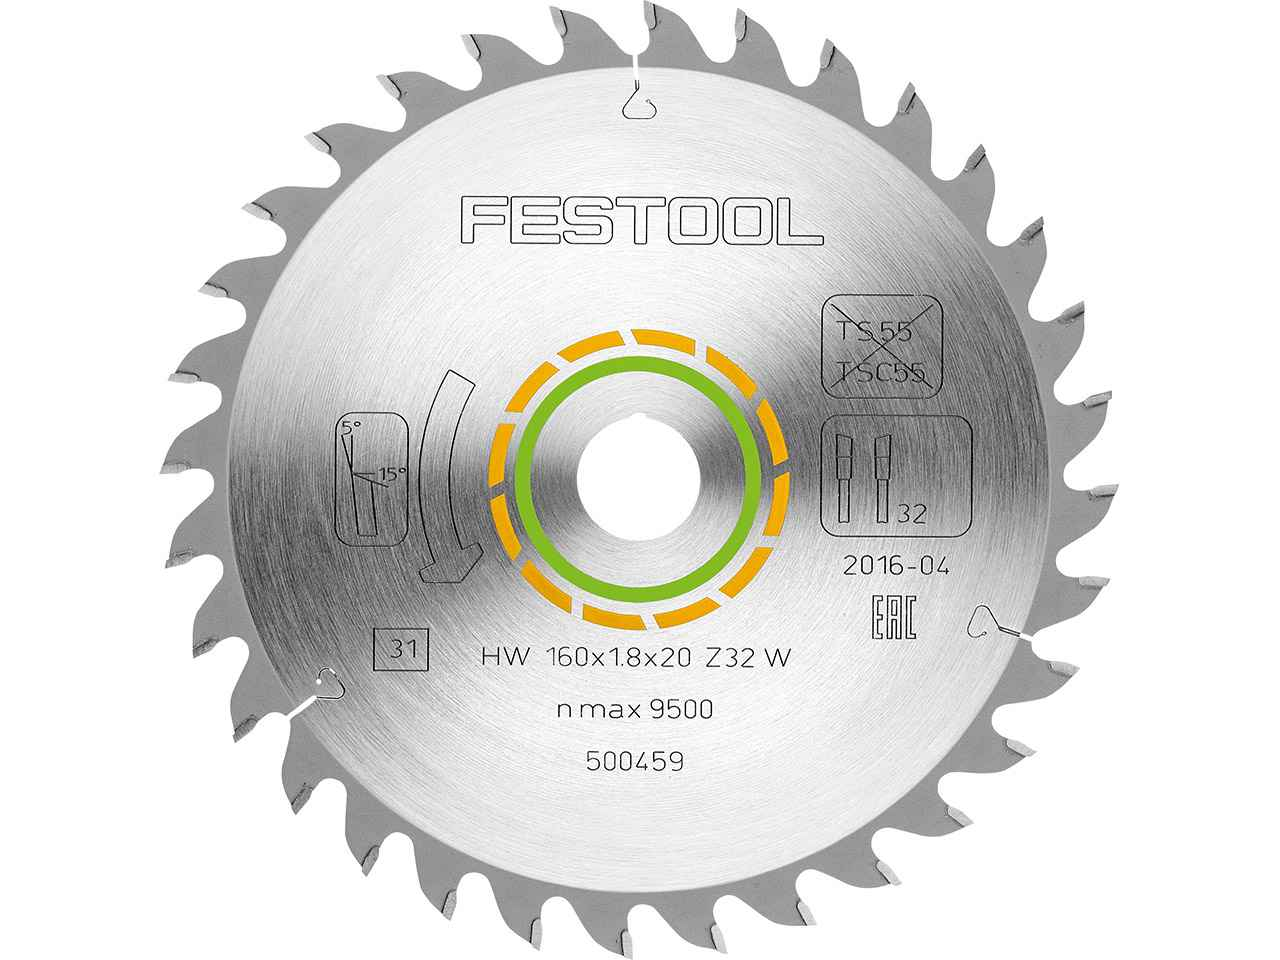 FESTOOL Festool Fine Saw Blade W// 32 Teeth